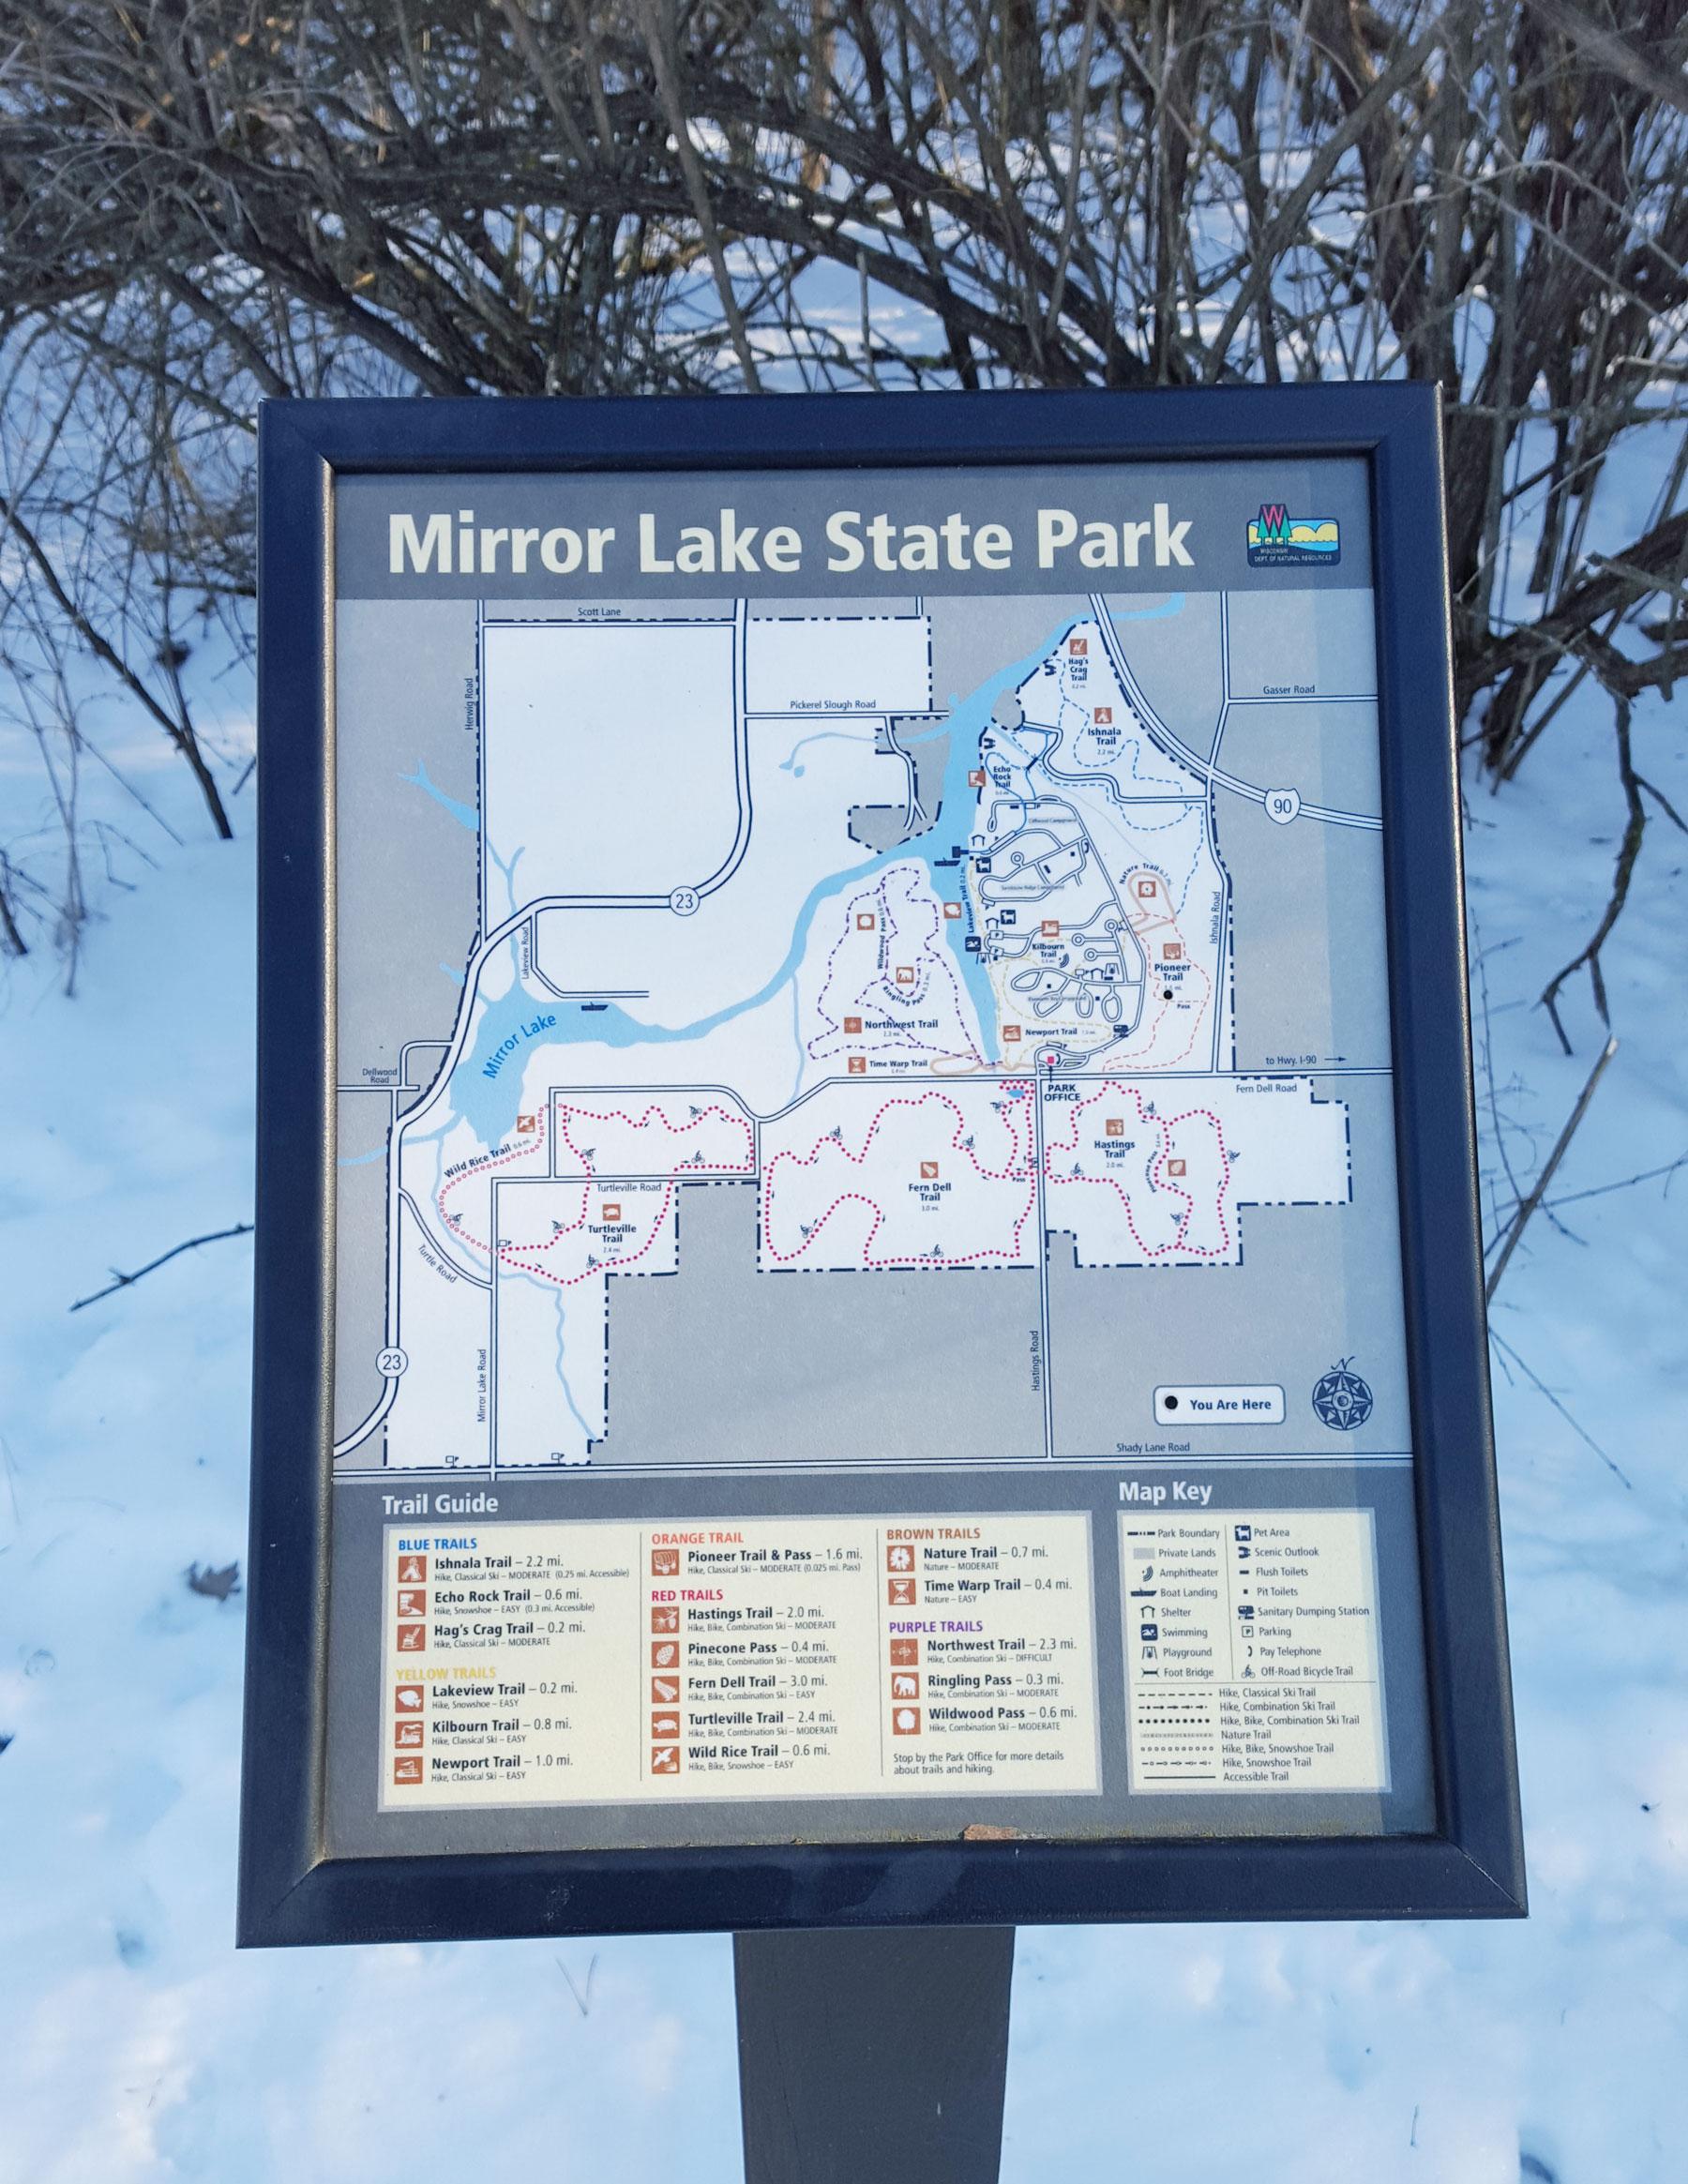 Mirror Lake State Park Map